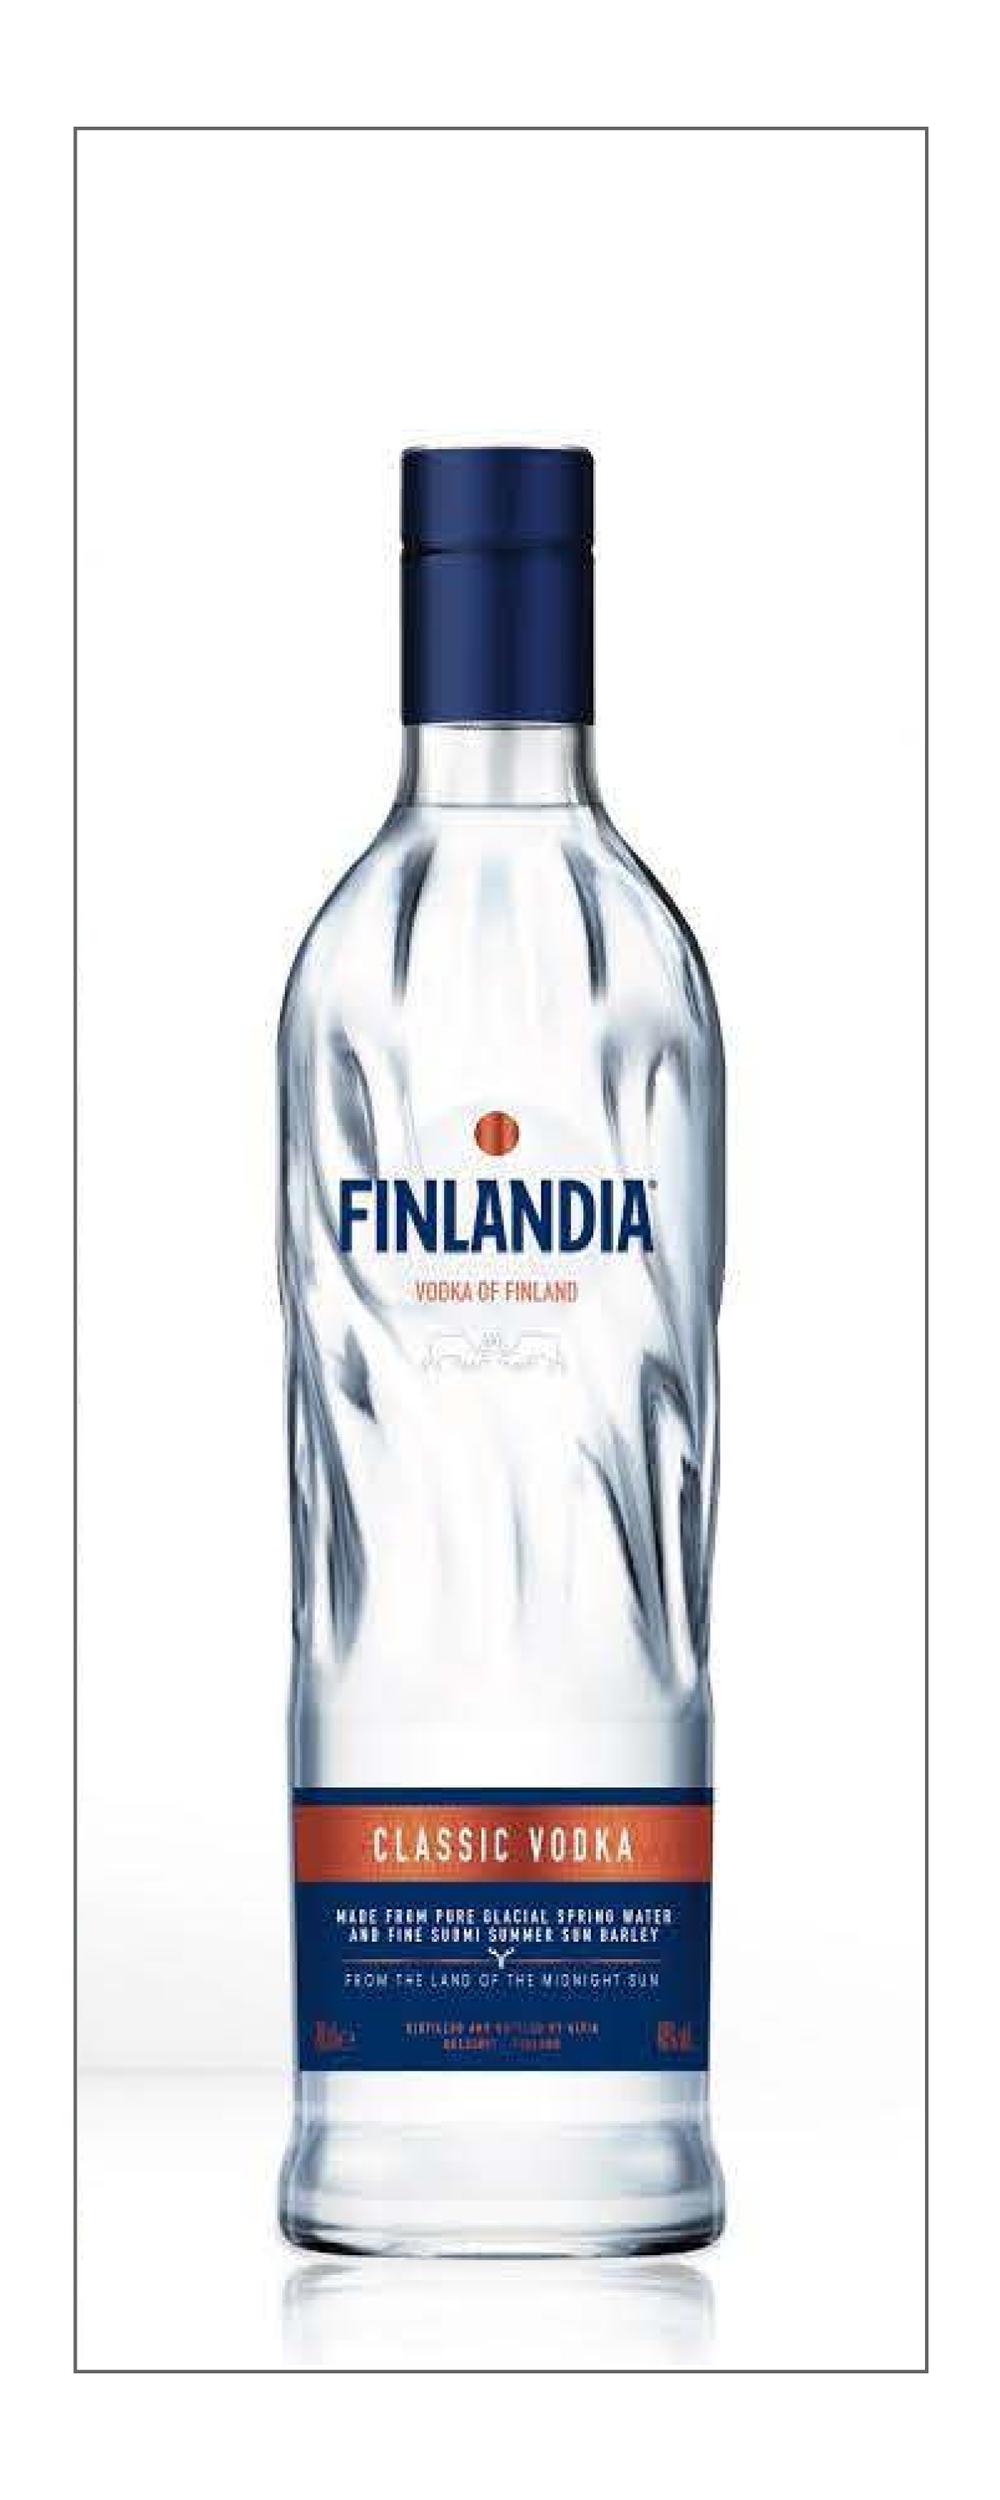 FV_Bottle_concepts28.png